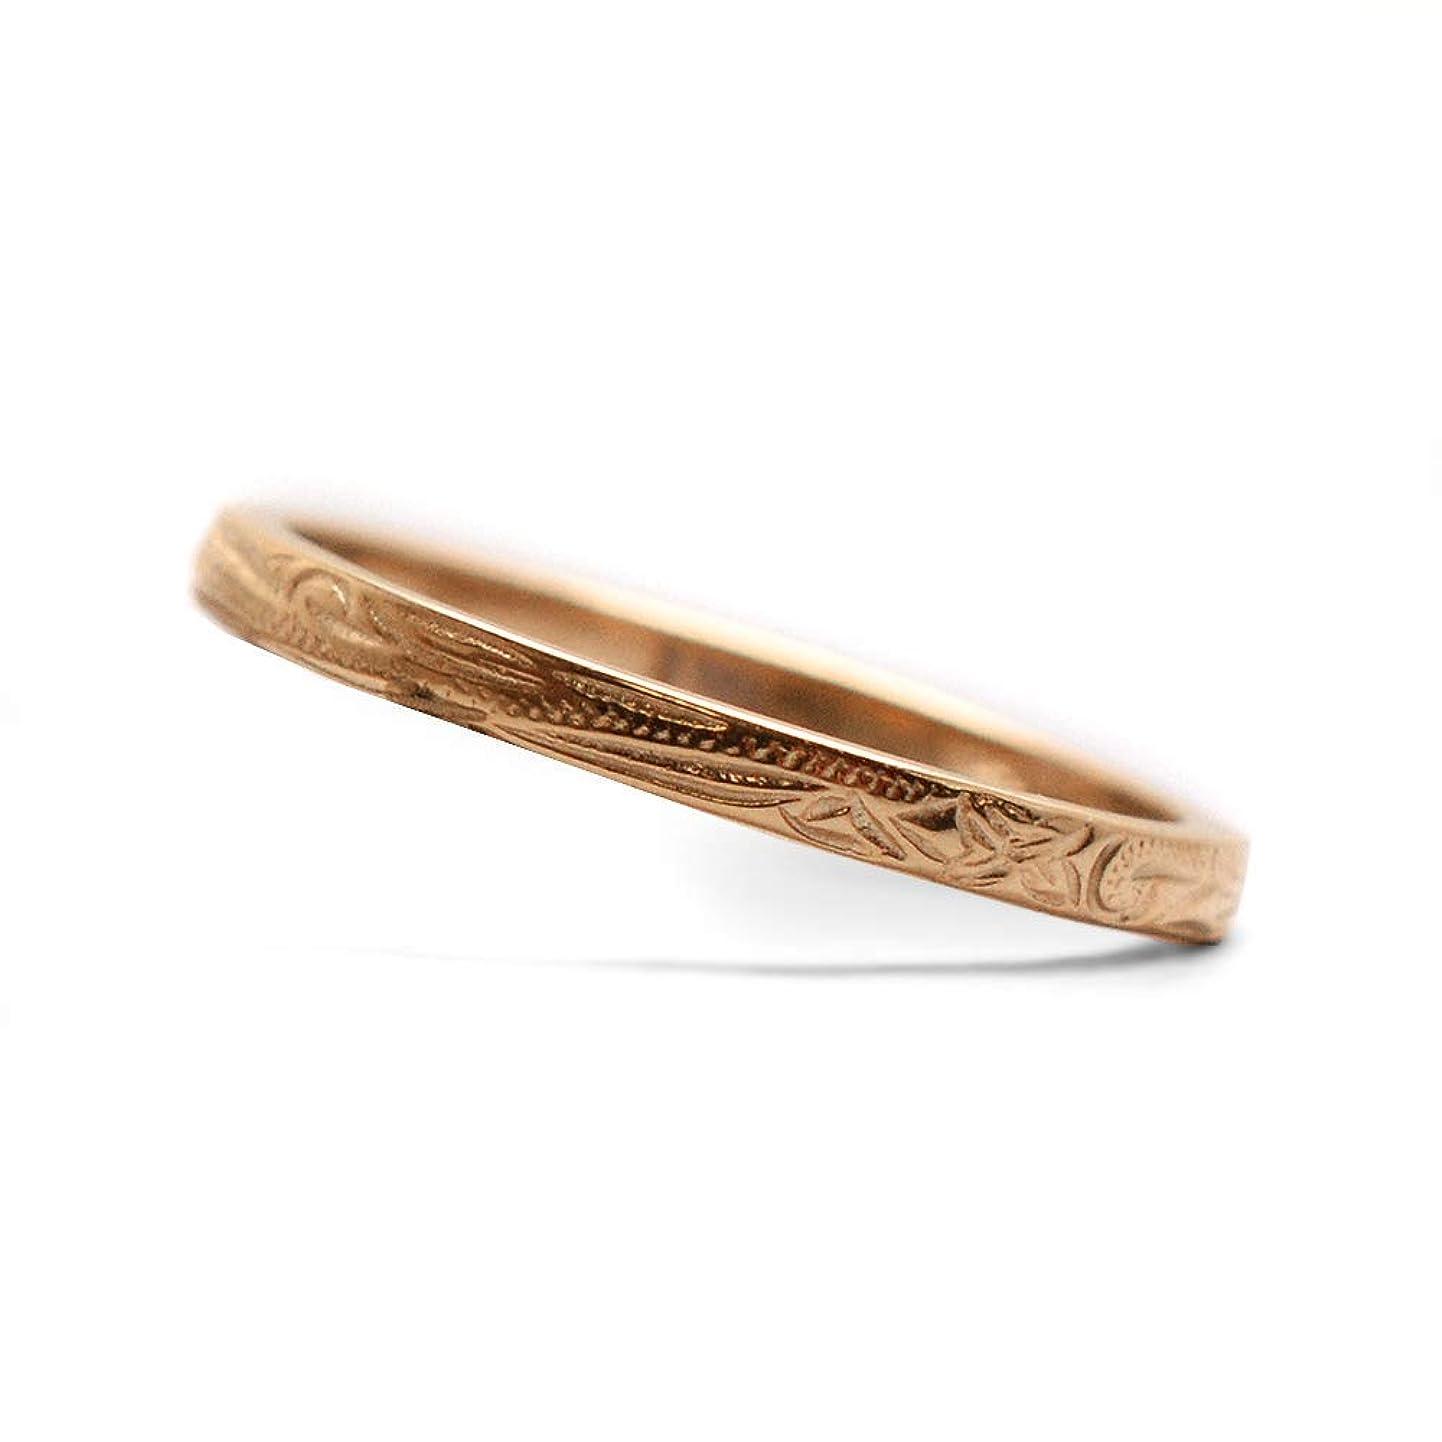 ハード臭いポンドサーペンス リング サージカルステンレスリング 指輪 レディース メンズ ハワイアン 細身 (ピンクゴールド, 21号)